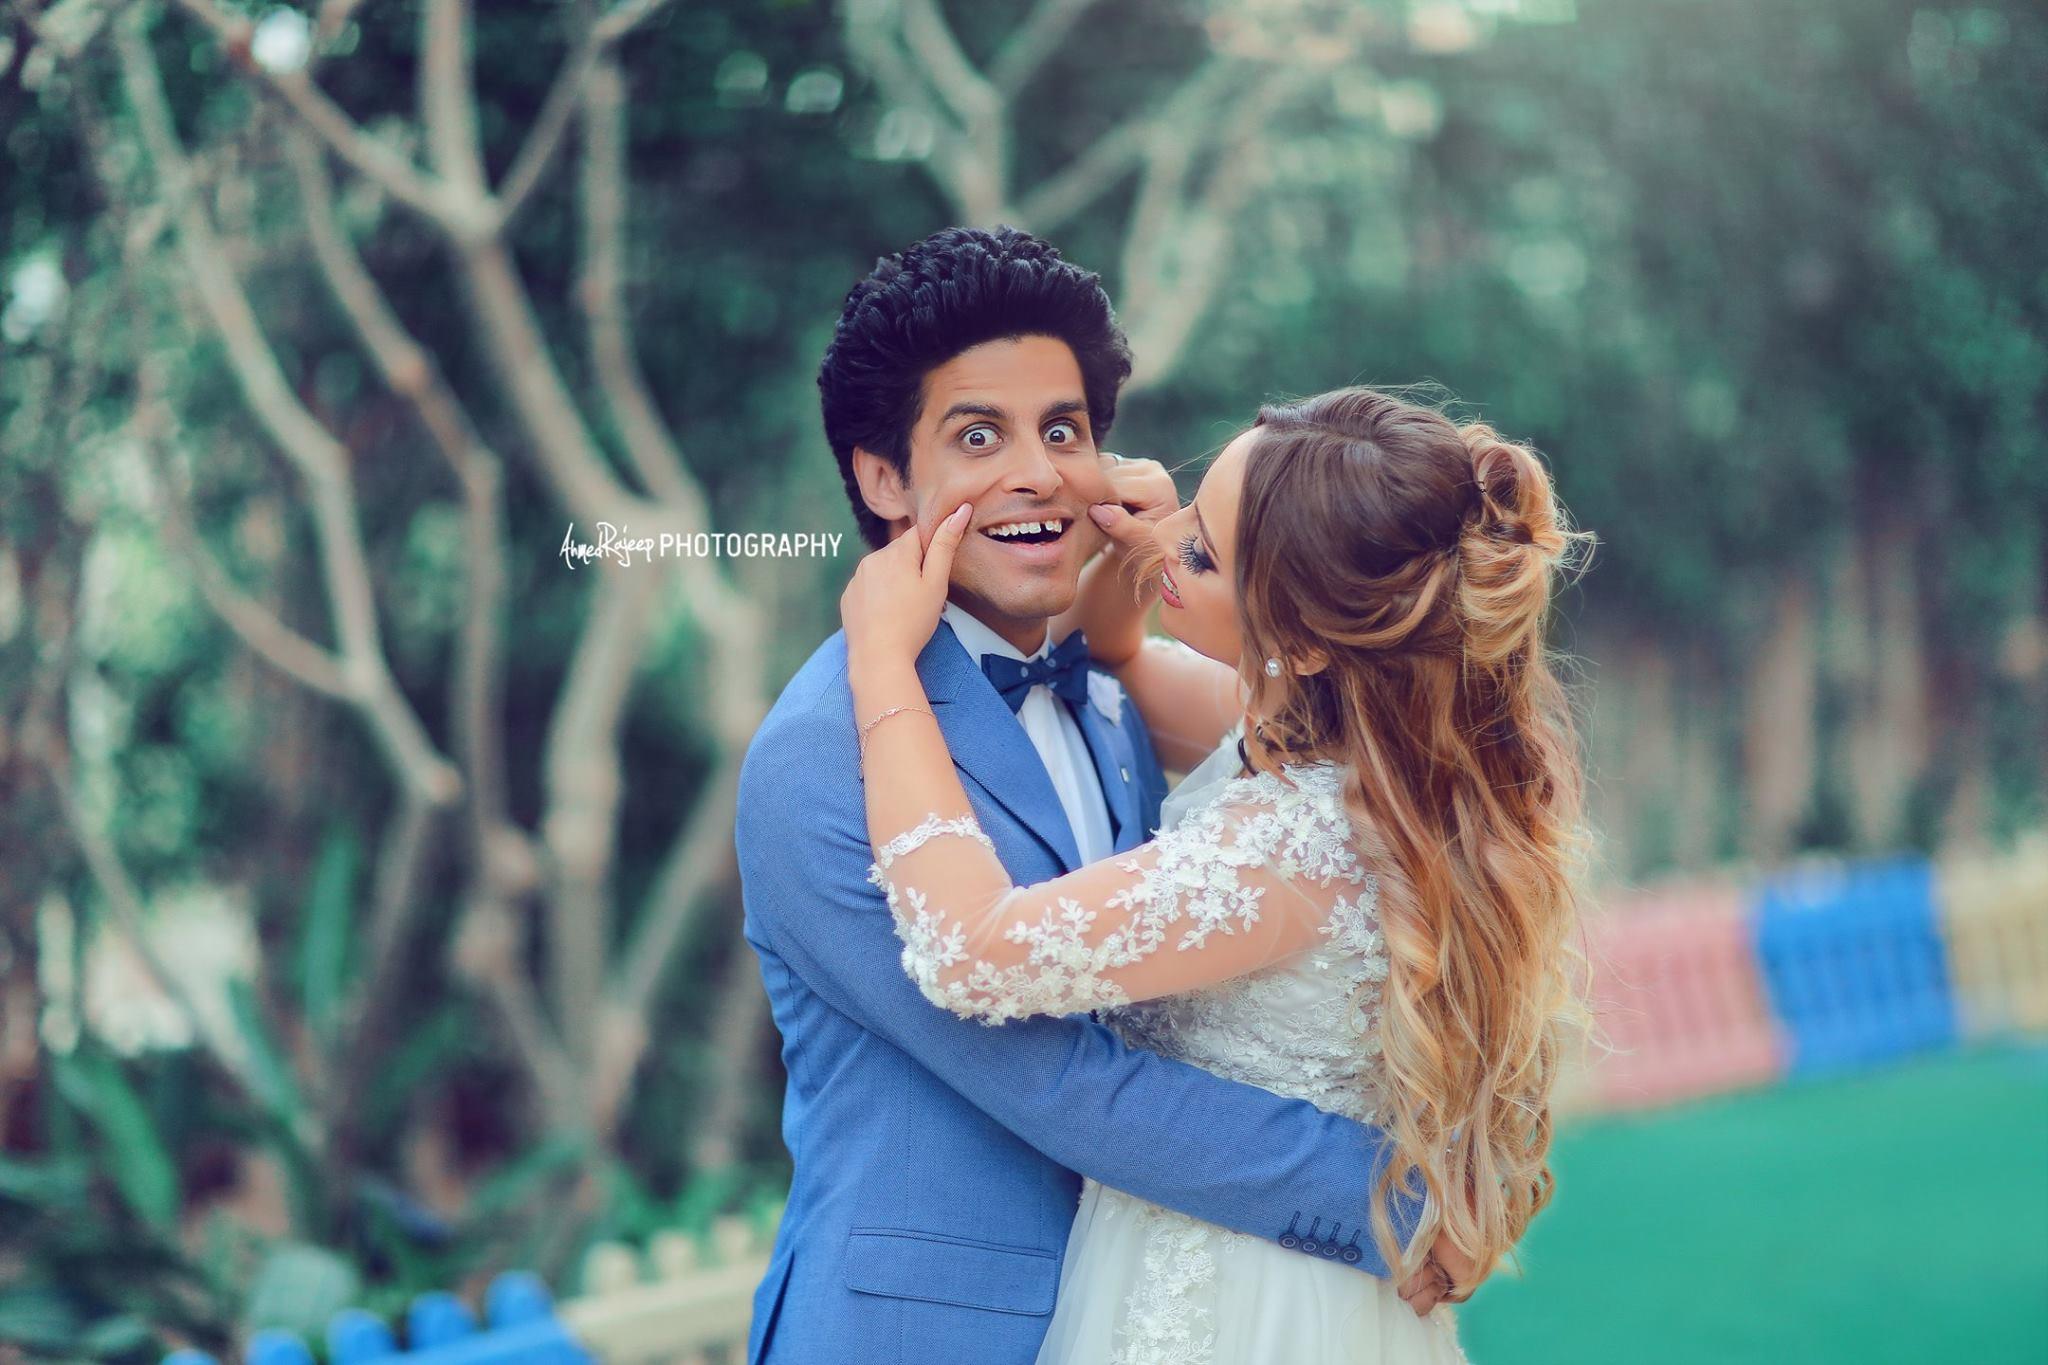 جلسة تصوير حفل زفاف حمدى الميرغنى واسراء عبد الفتاح (2)